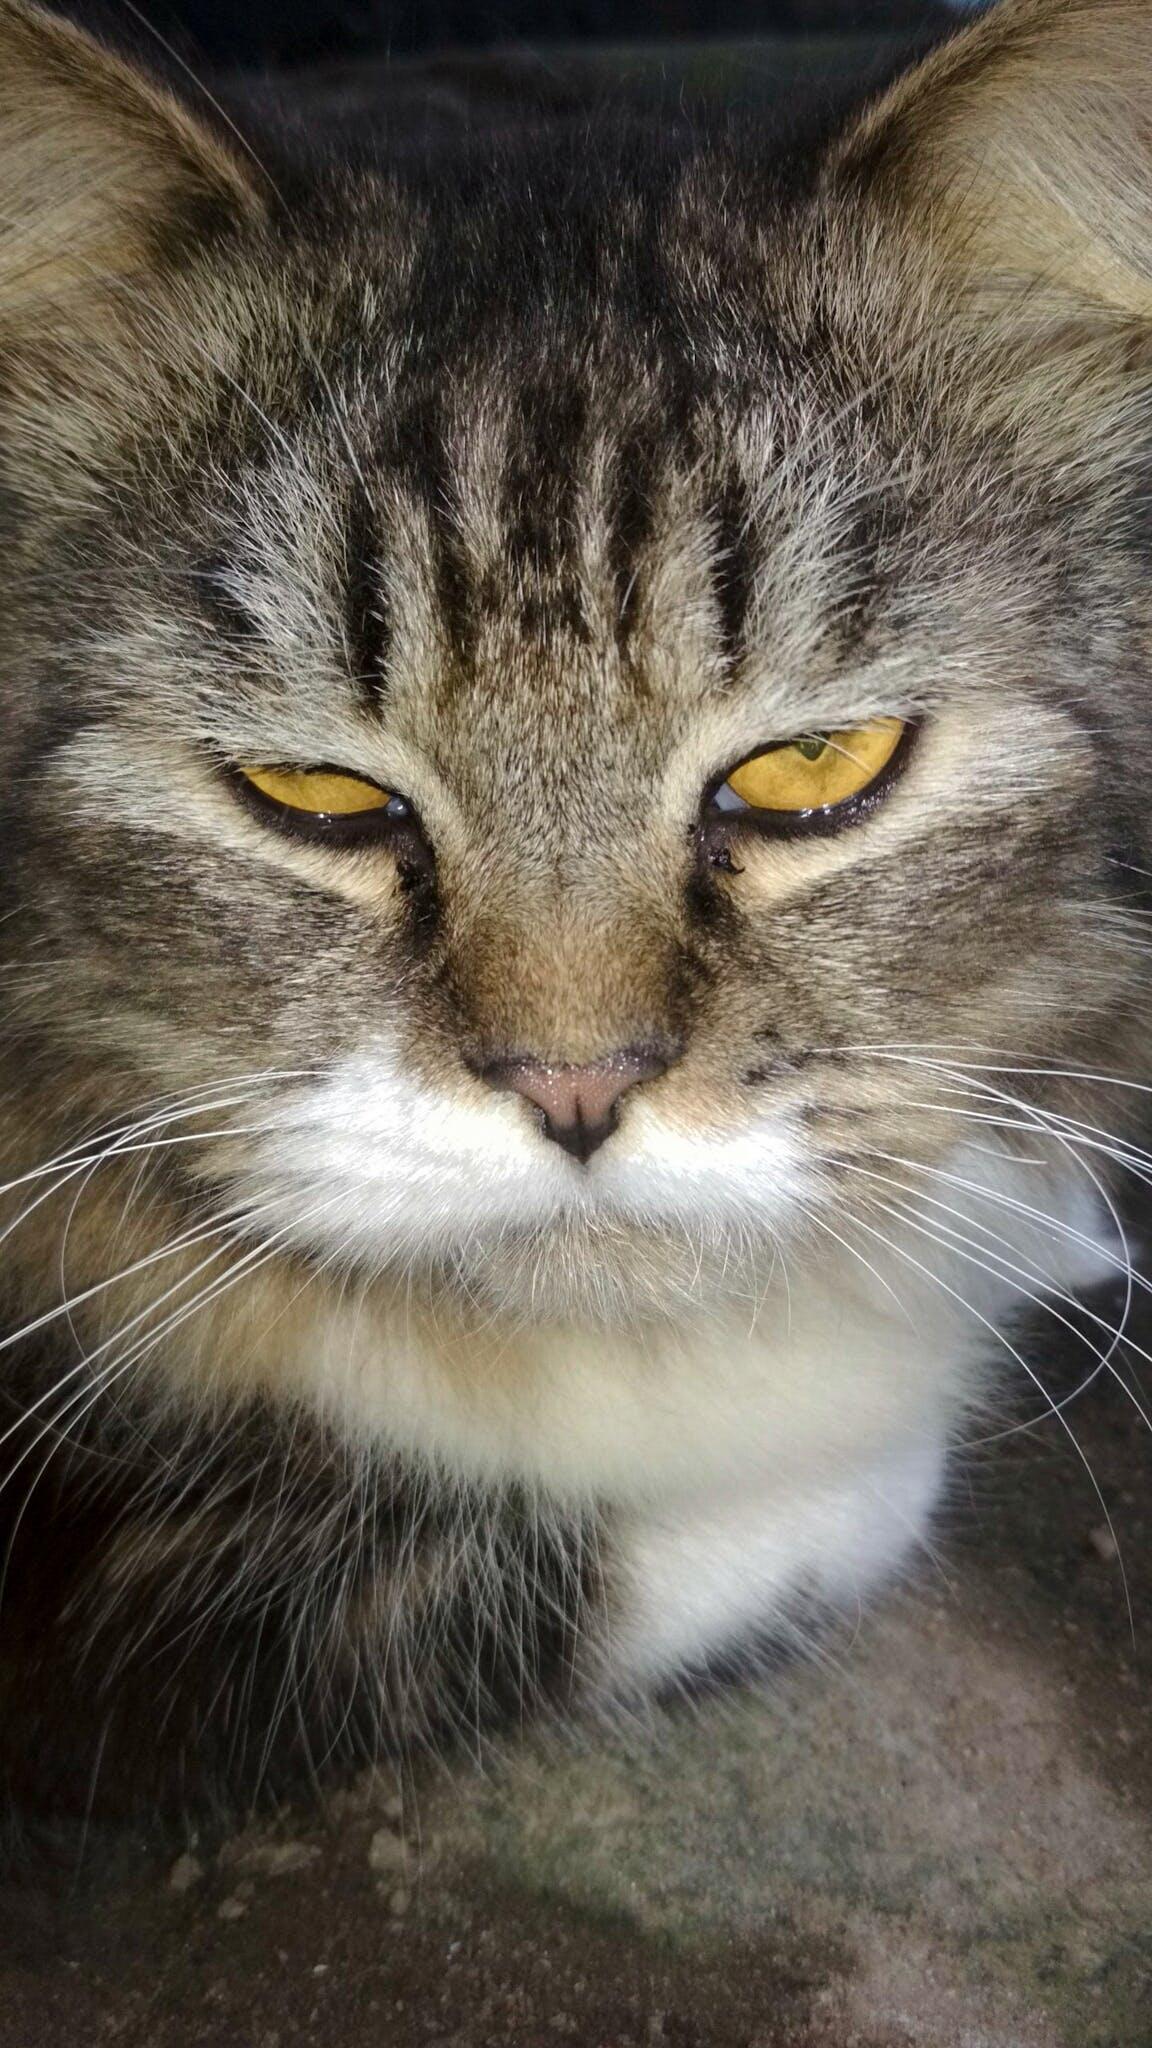 Δωρεάν στοκ φωτογραφιών με αιχμηρός, αναλαμπή, Γάτα, γάτες